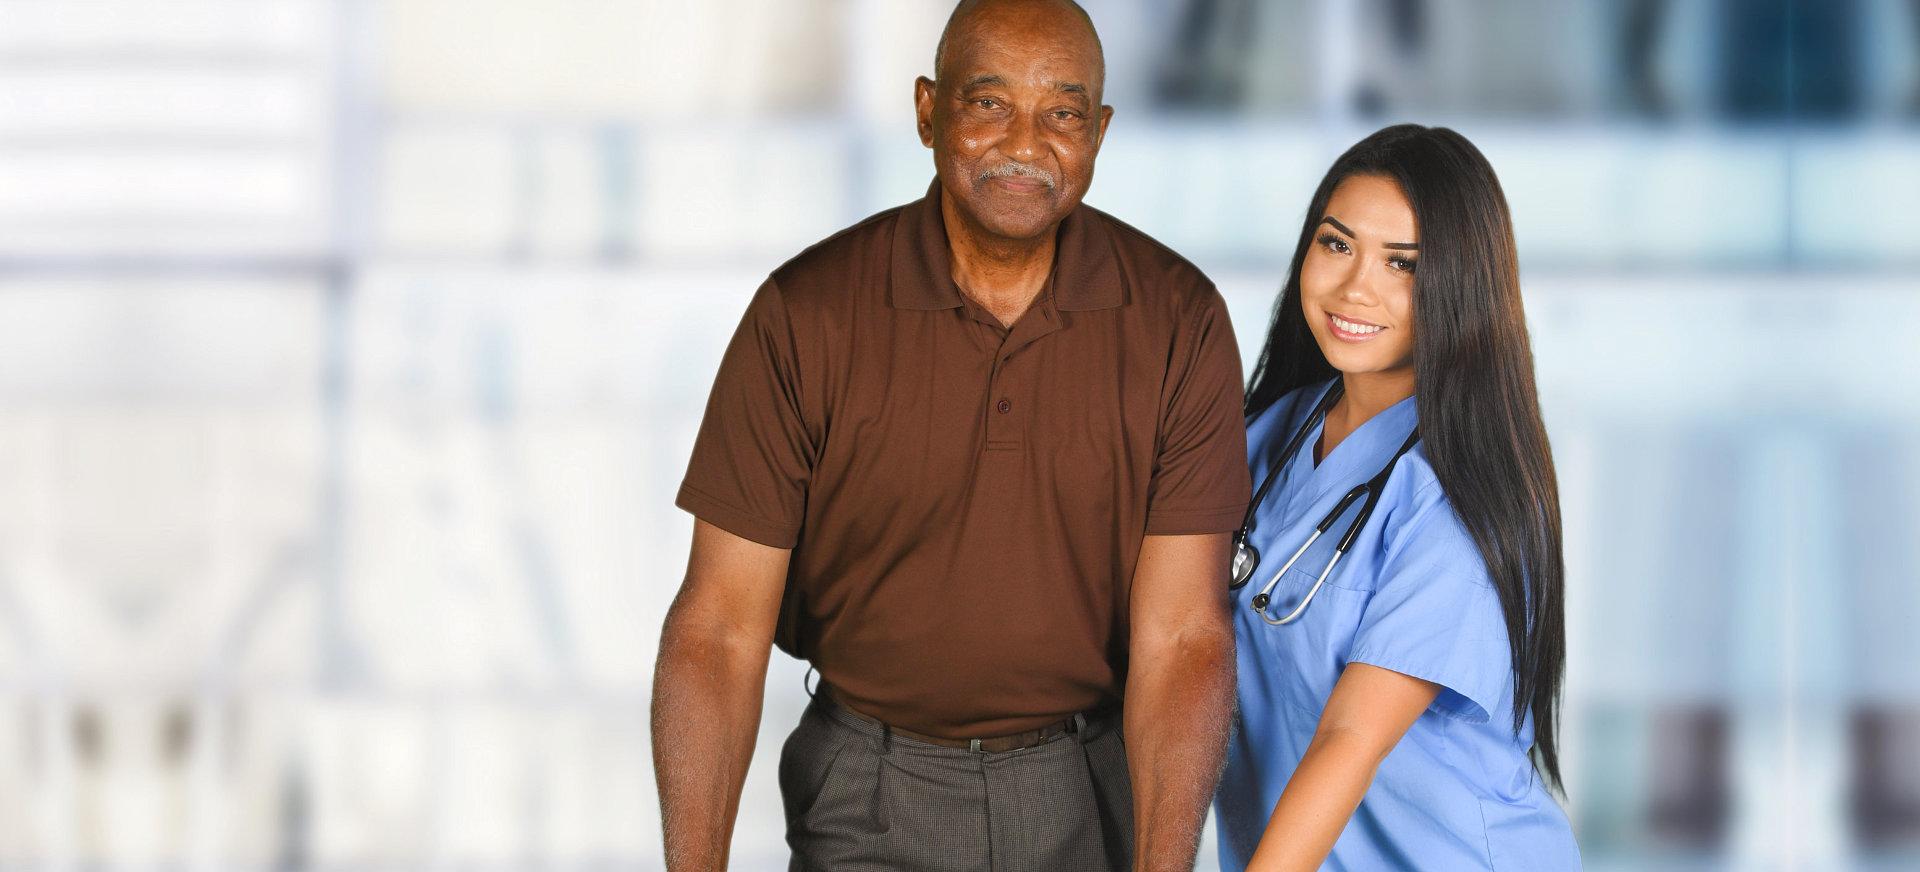 nurse and elder smiling